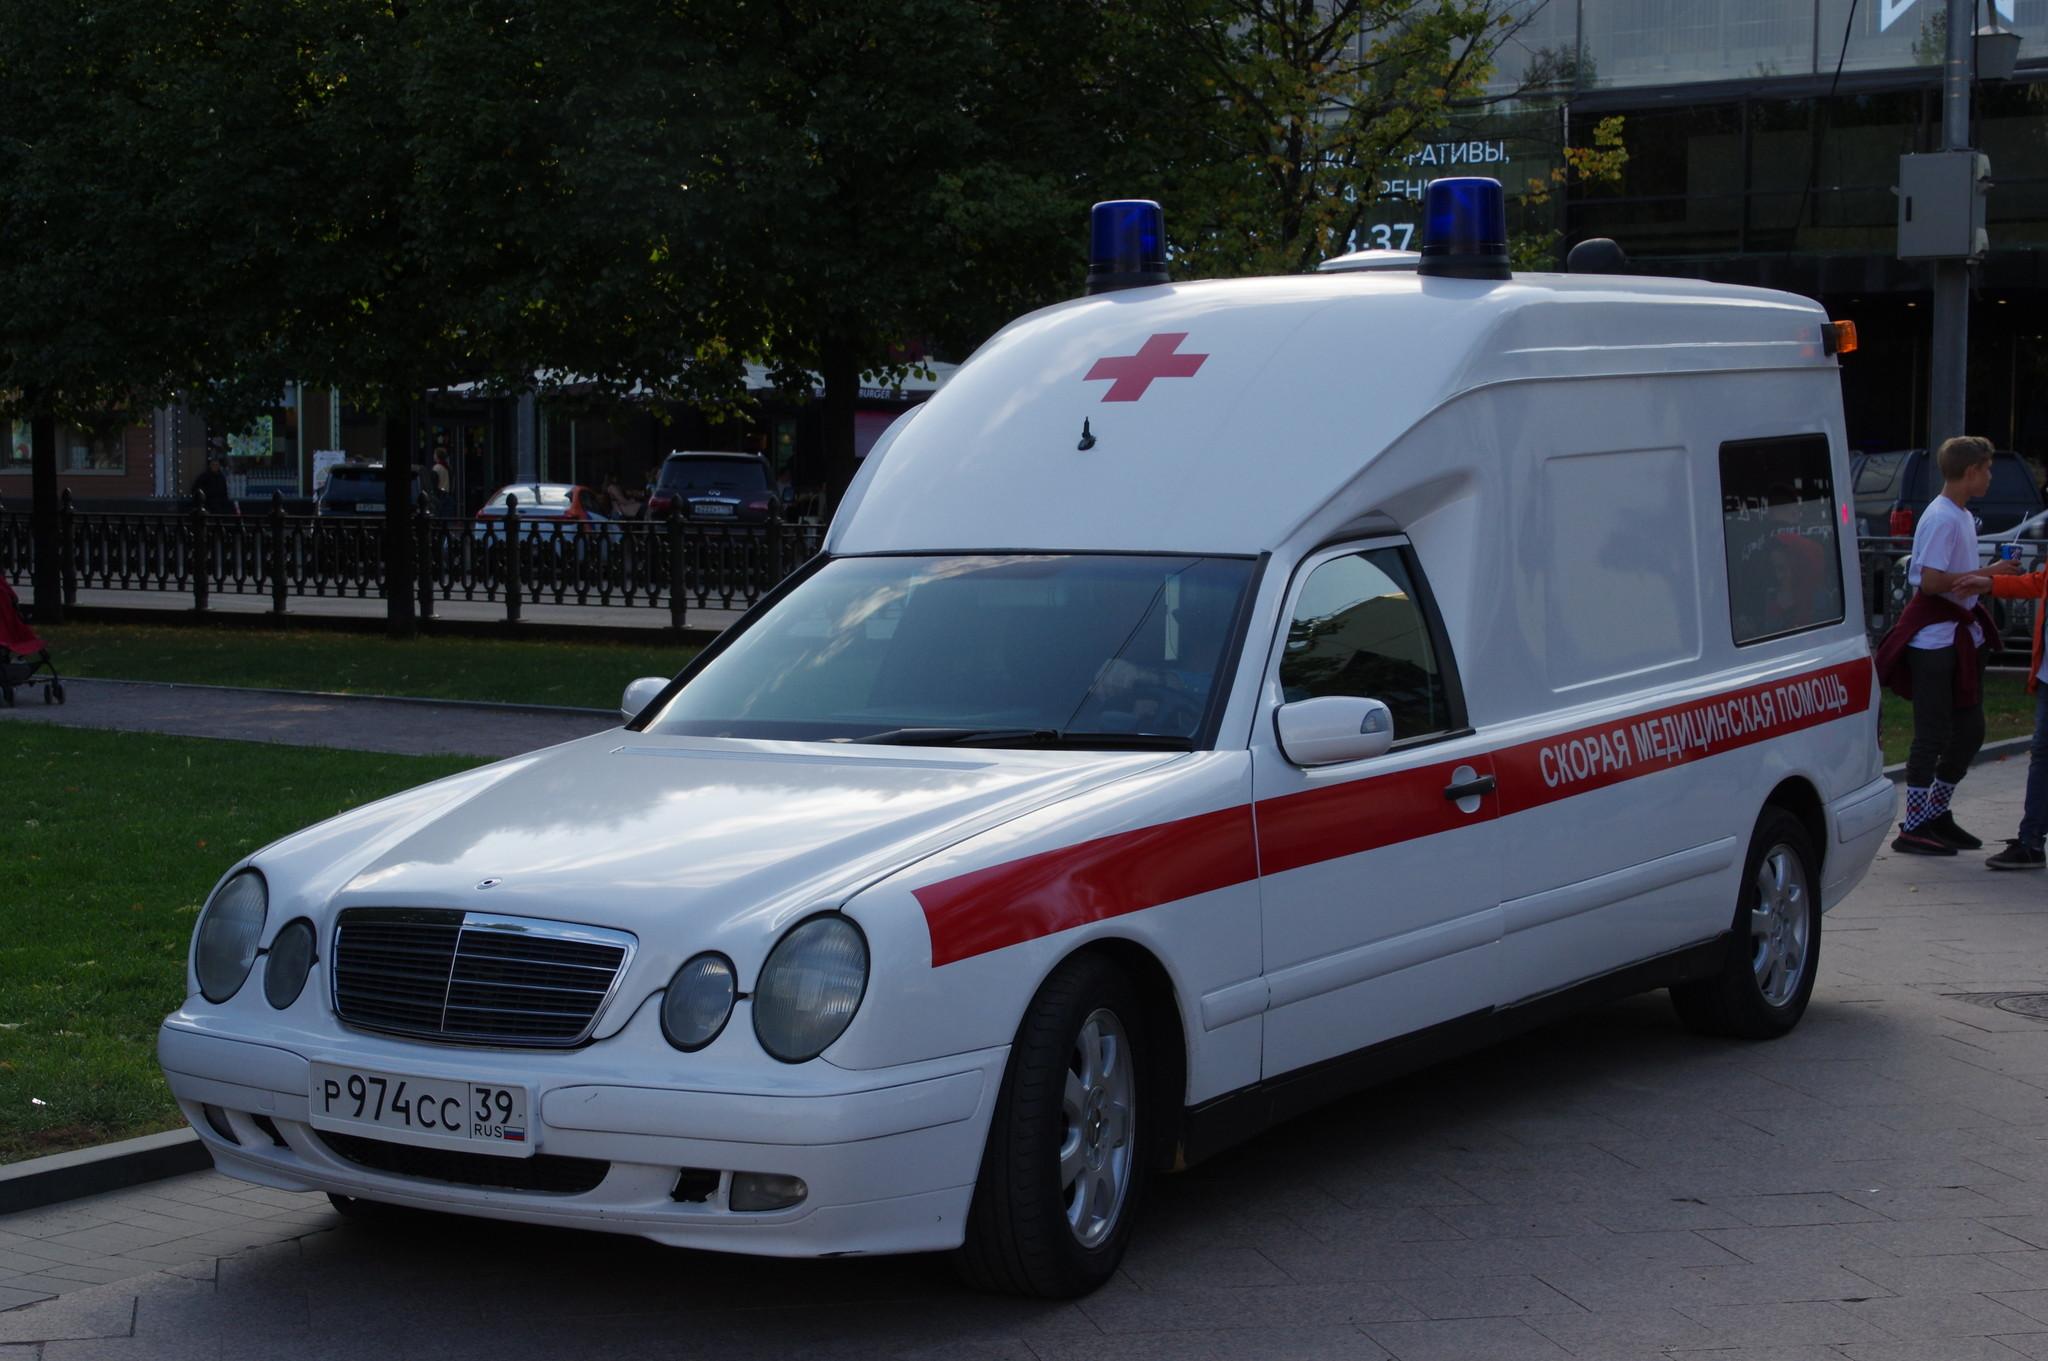 Автомобиль скорой медицинской помощи на Цветном бульваре